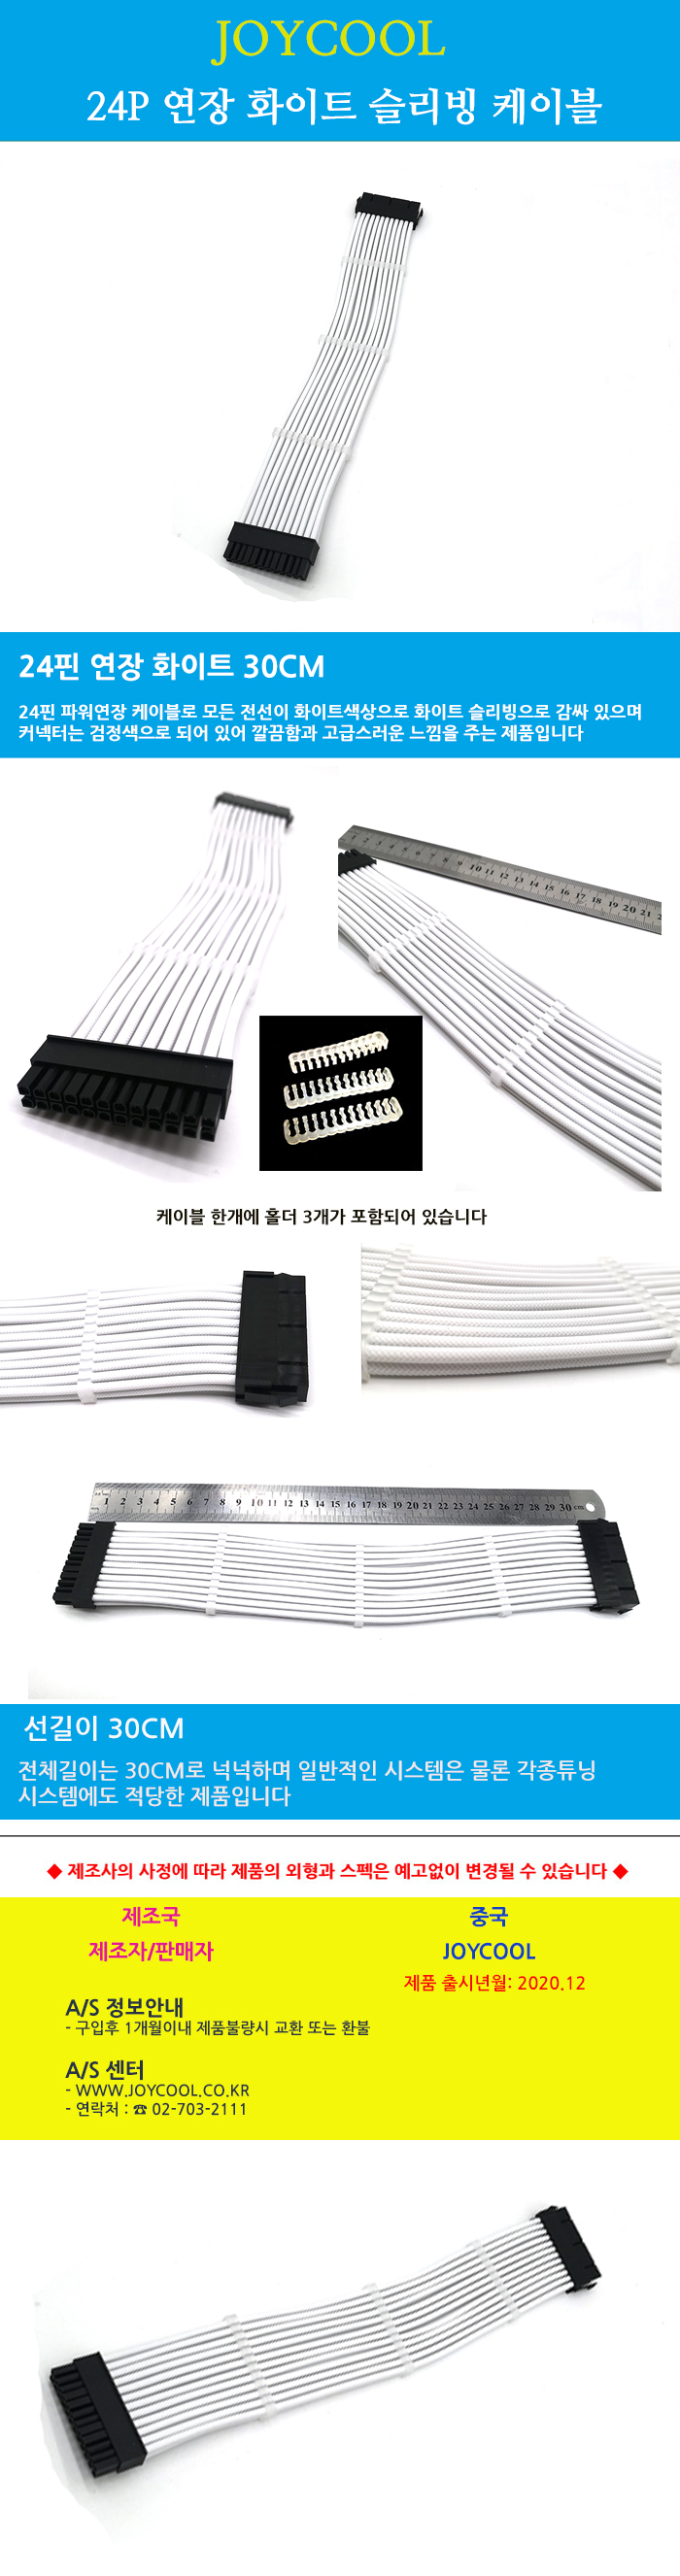 조이쿨 조이쿨 24핀 연장 슬리빙 케이블 (화이트, 0.3m)